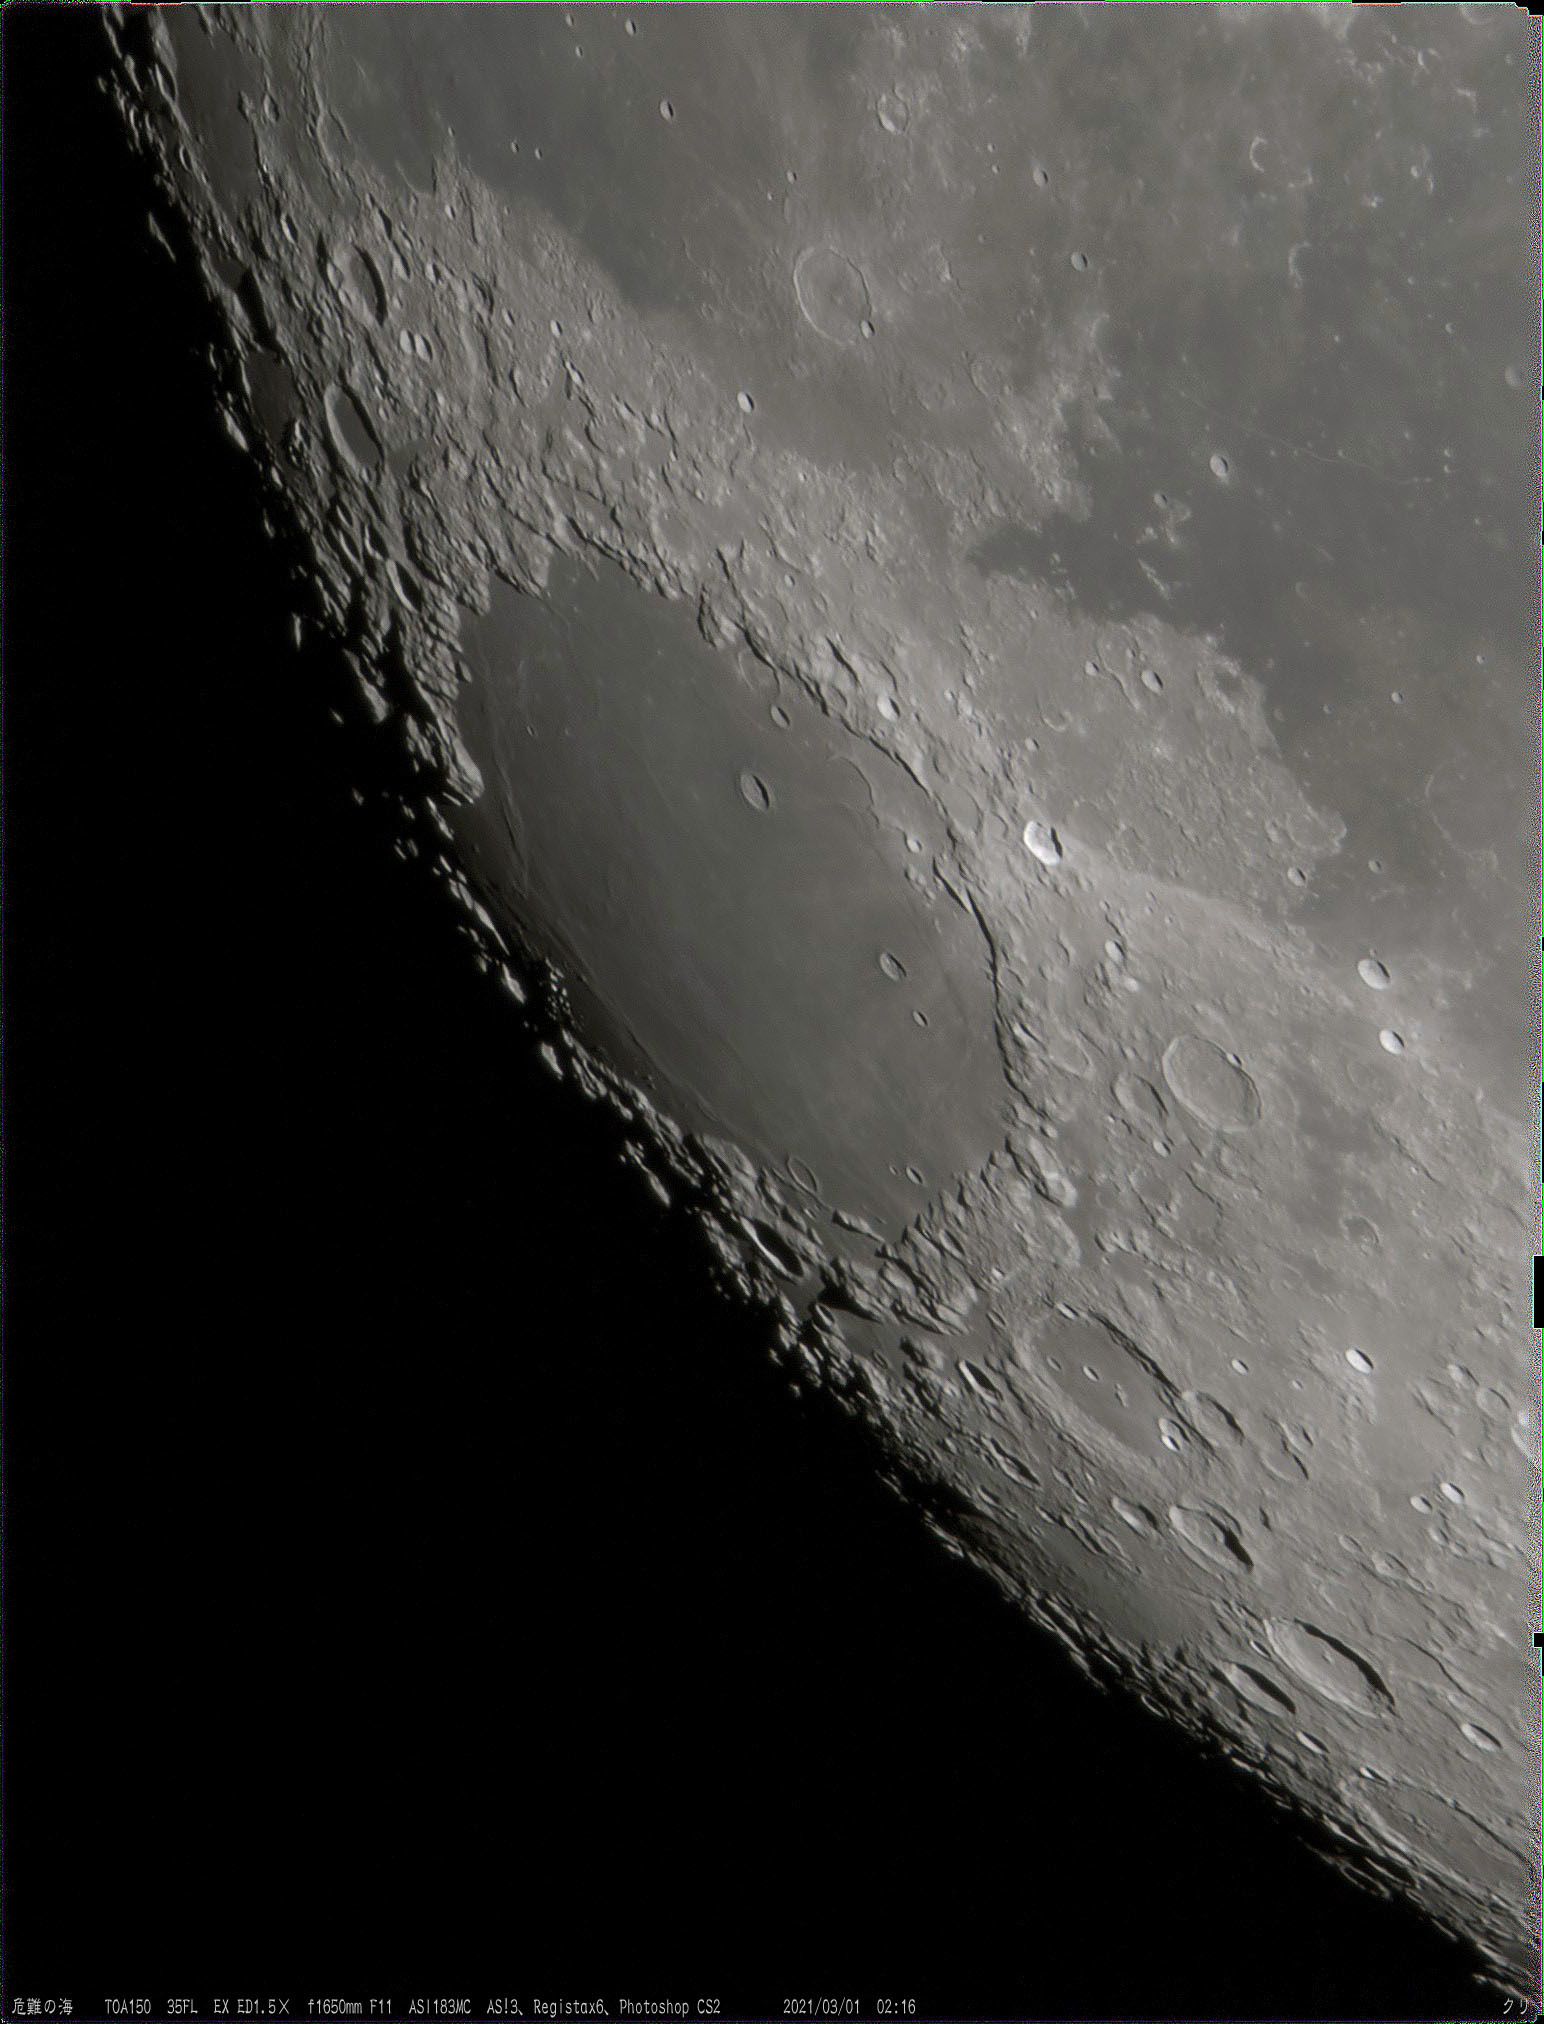 20210228^0301 危難の海 MoonAge16_9(TOA150)_021606